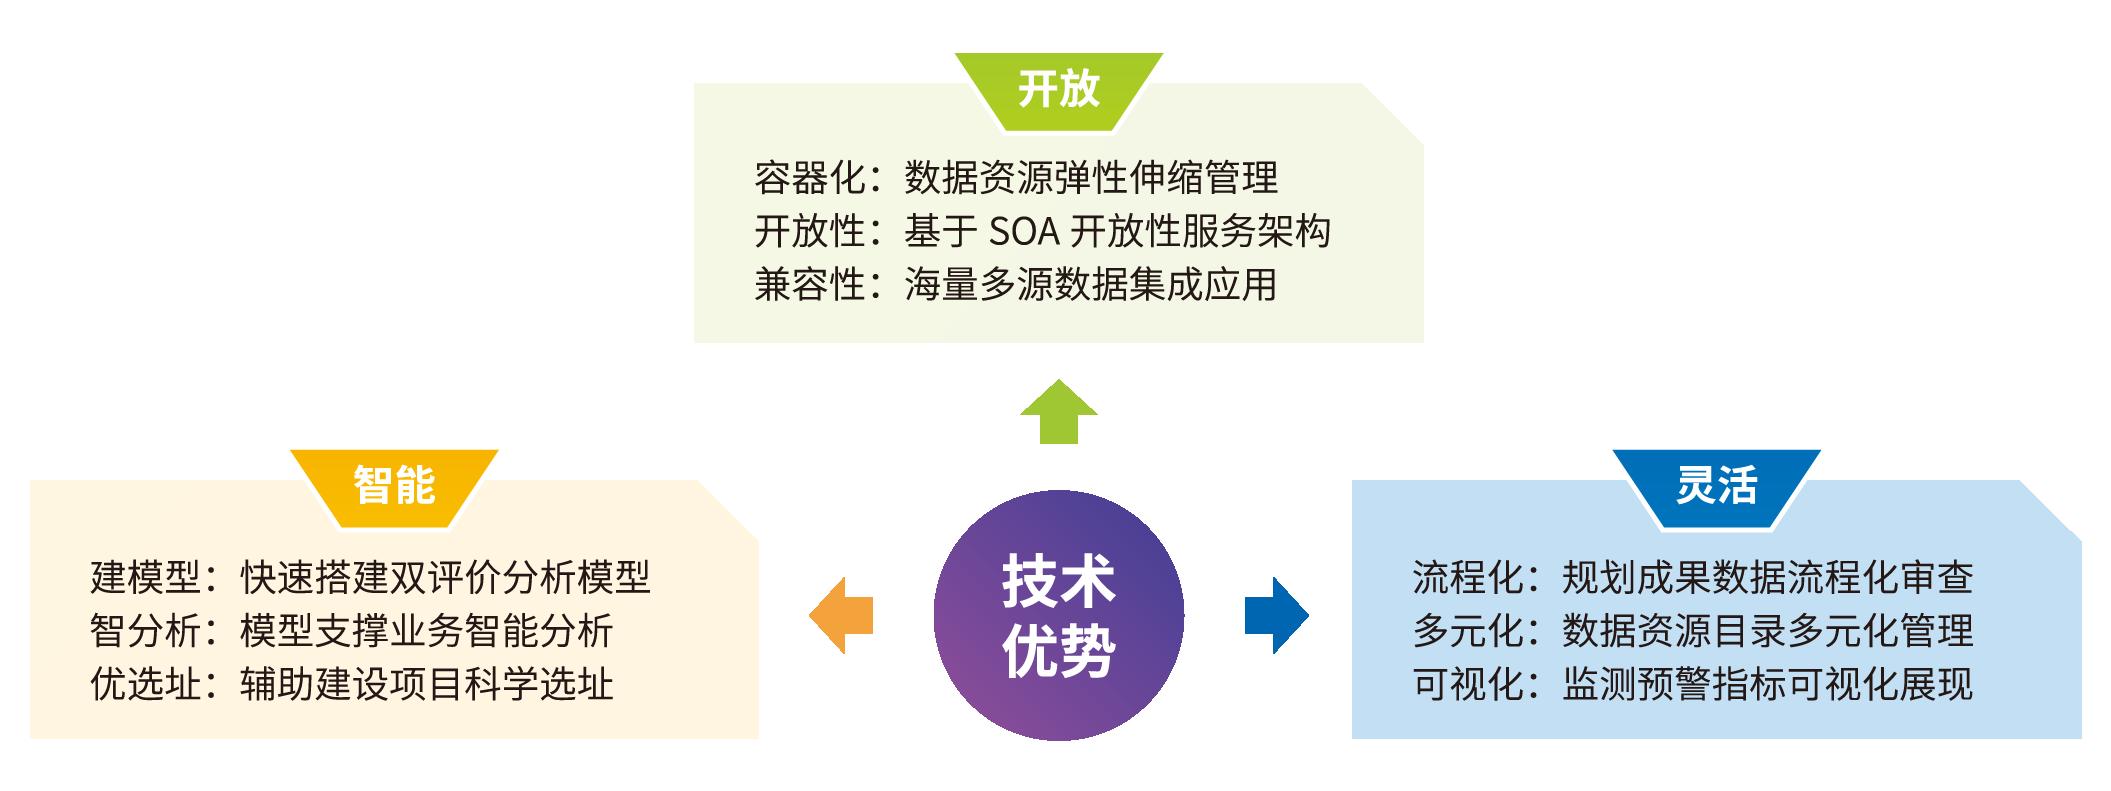 武大吉奧國土空間規劃監測評估預警管理系統解決方案-網站版圖-2